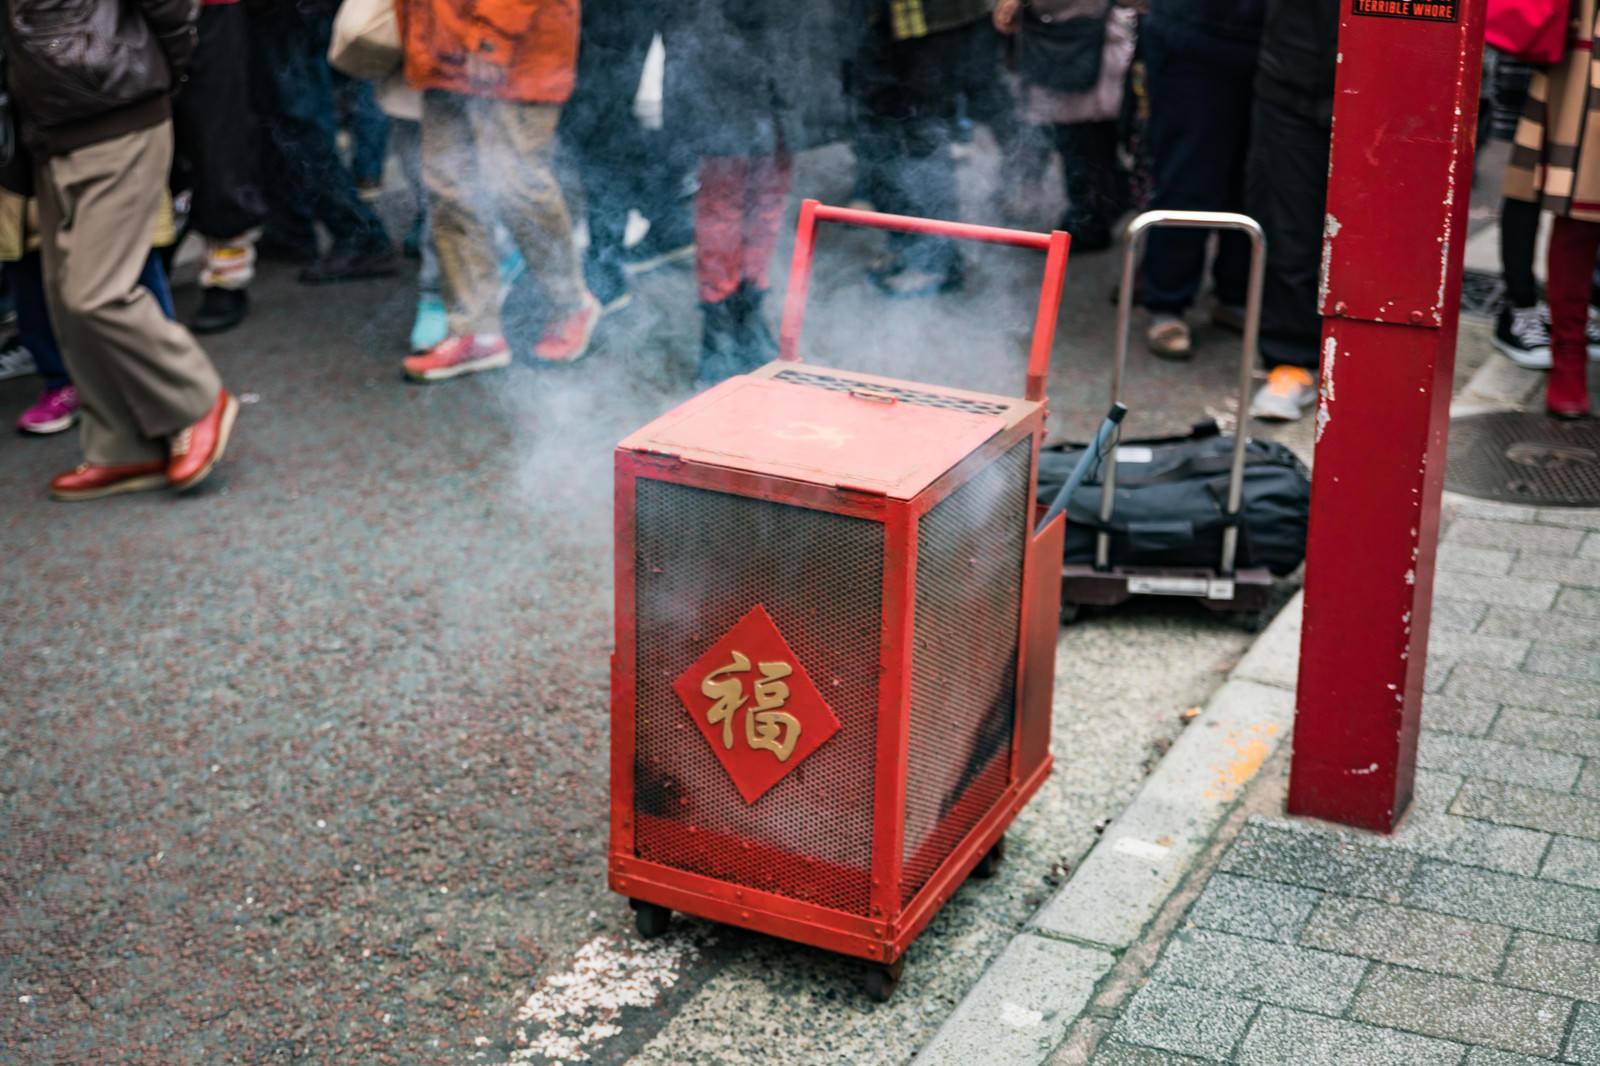 「春節のイベントで爆竹が入れられた箱」の写真